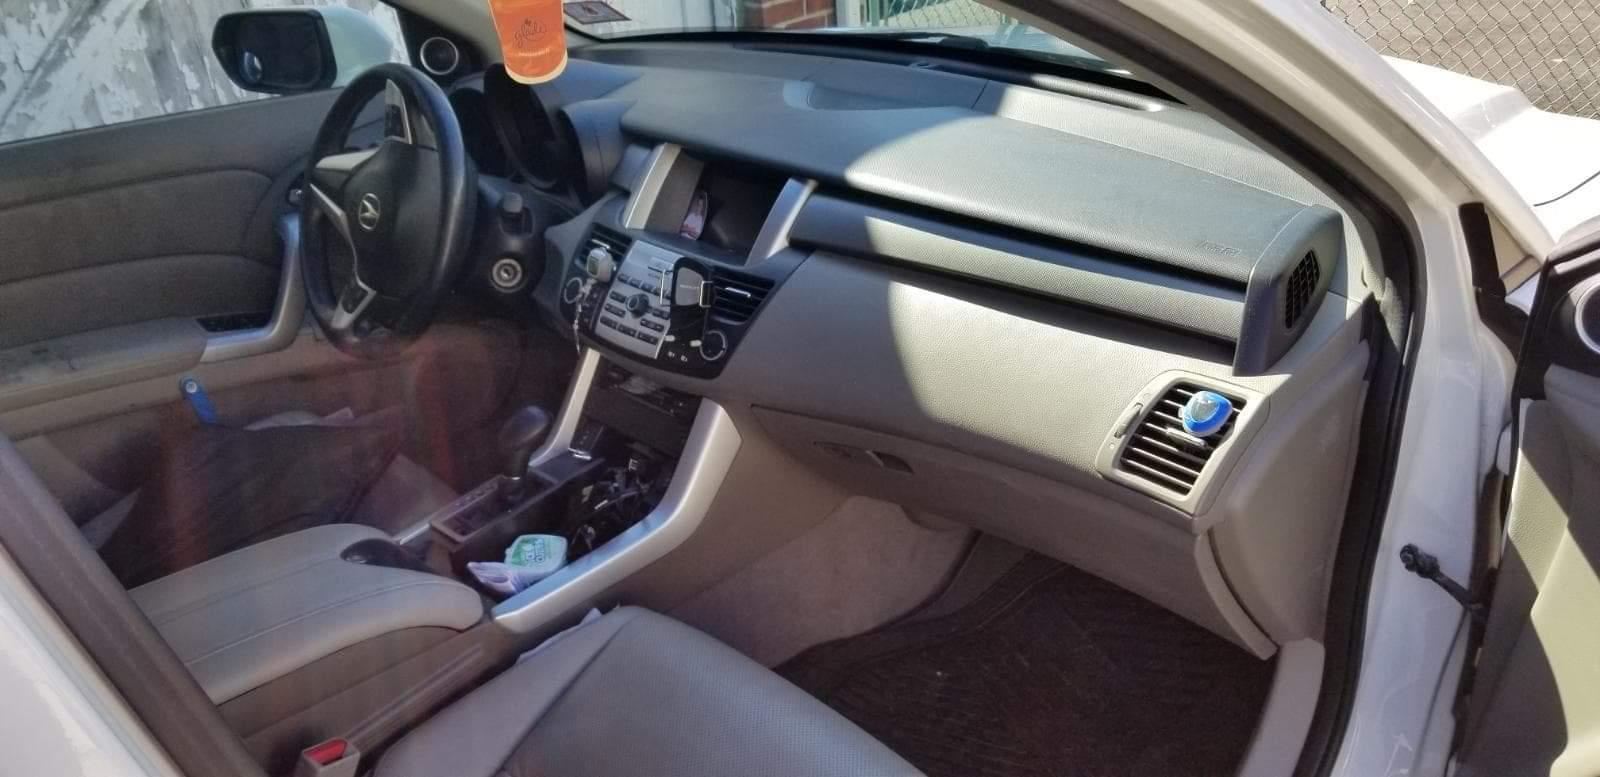 Ogłoszenie darmowe. Lokalizacja:  Trenton i okolice. KUPIĘ / SPRZEDAM - Motoryzacja. Sprzedam Acura RDX 2007 ,.